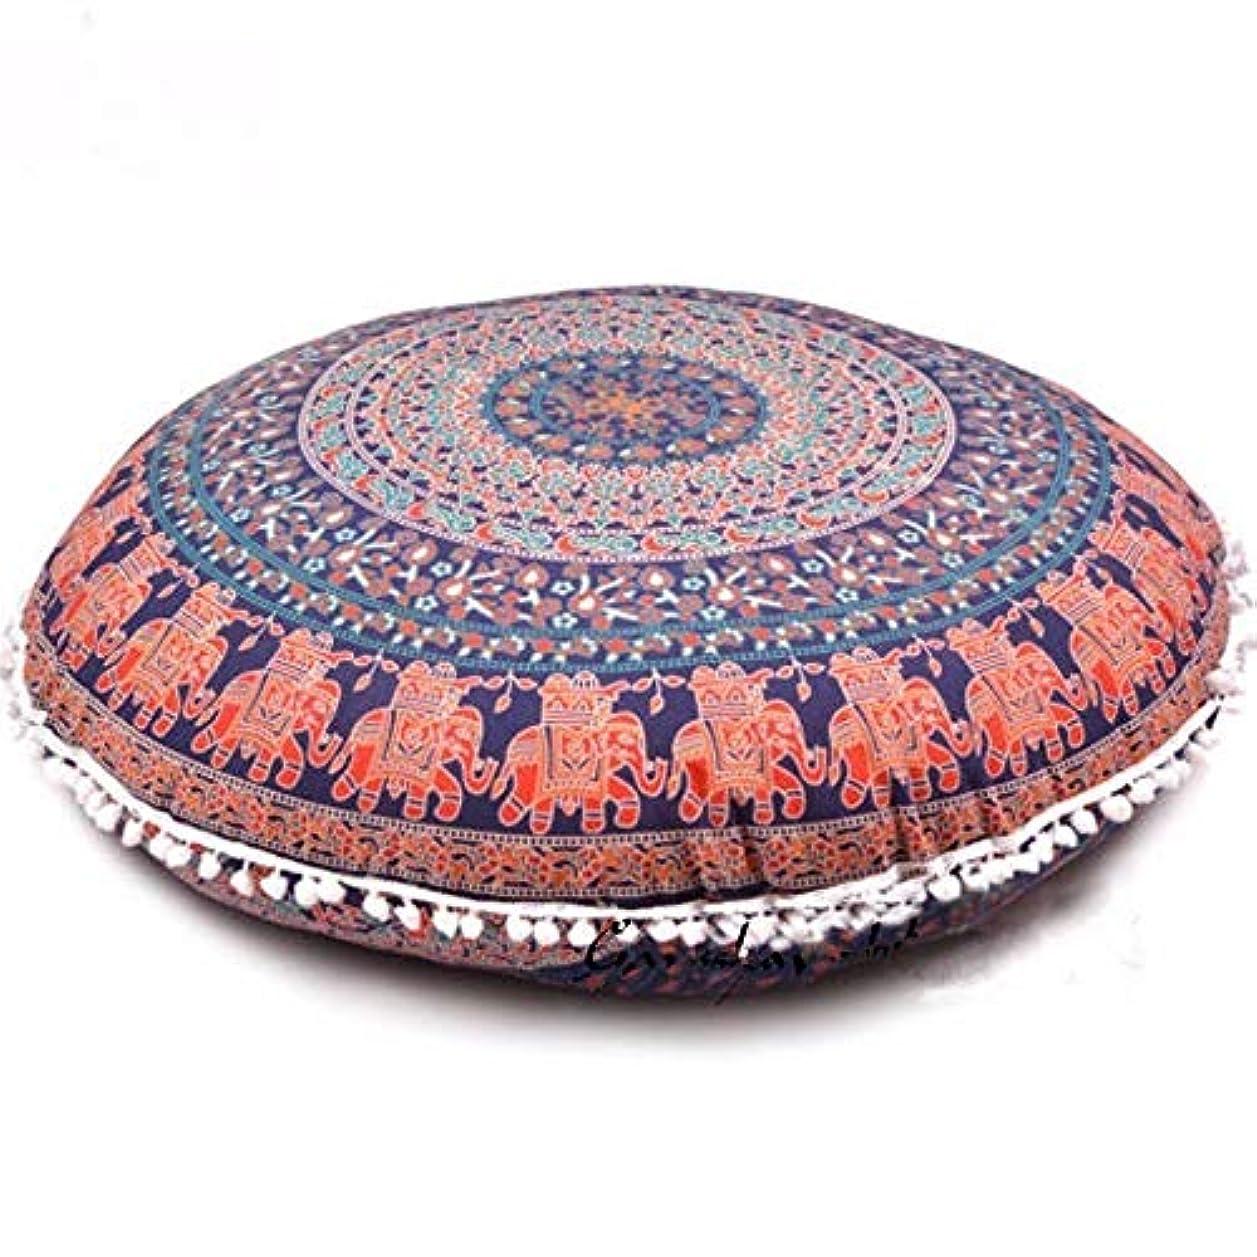 マナービルダー黒LIFE 2017 カラフルな曼荼羅床枕オットマンラウンドボヘミアン瞑想クッション枕プーフ クッション 椅子